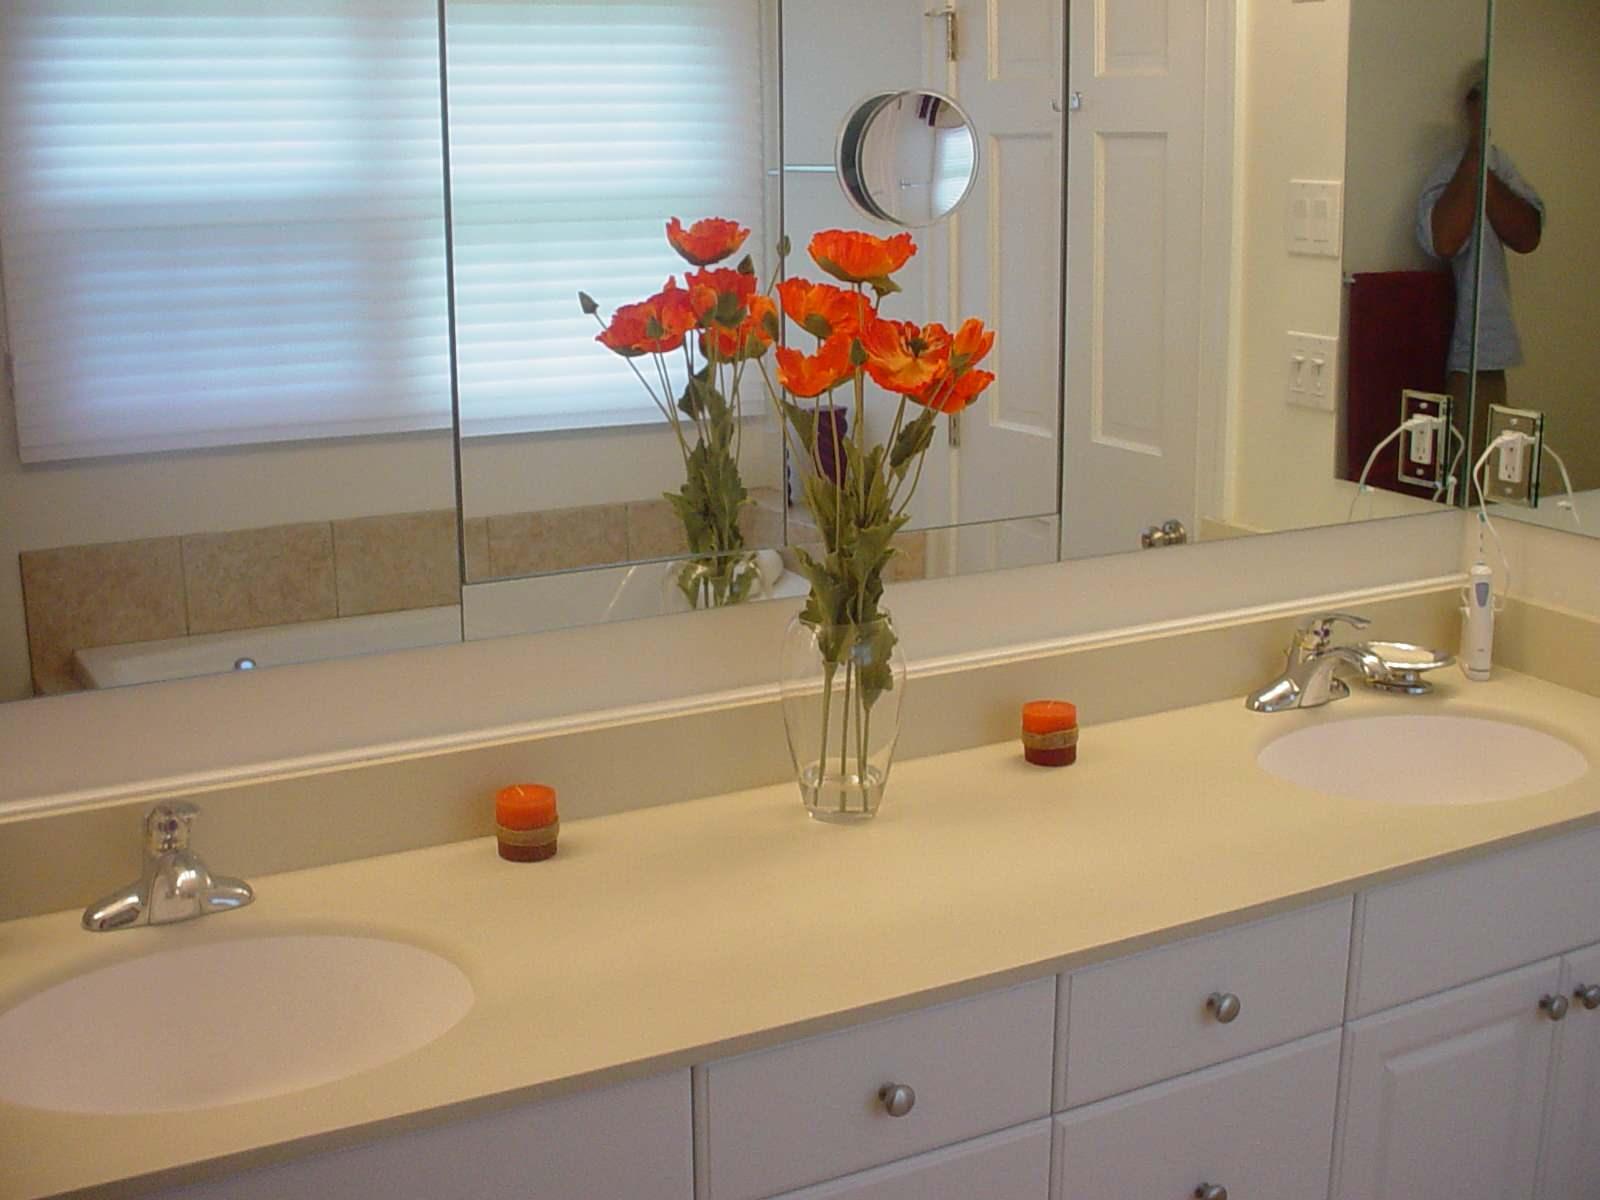 Weston Bathroom Remodel